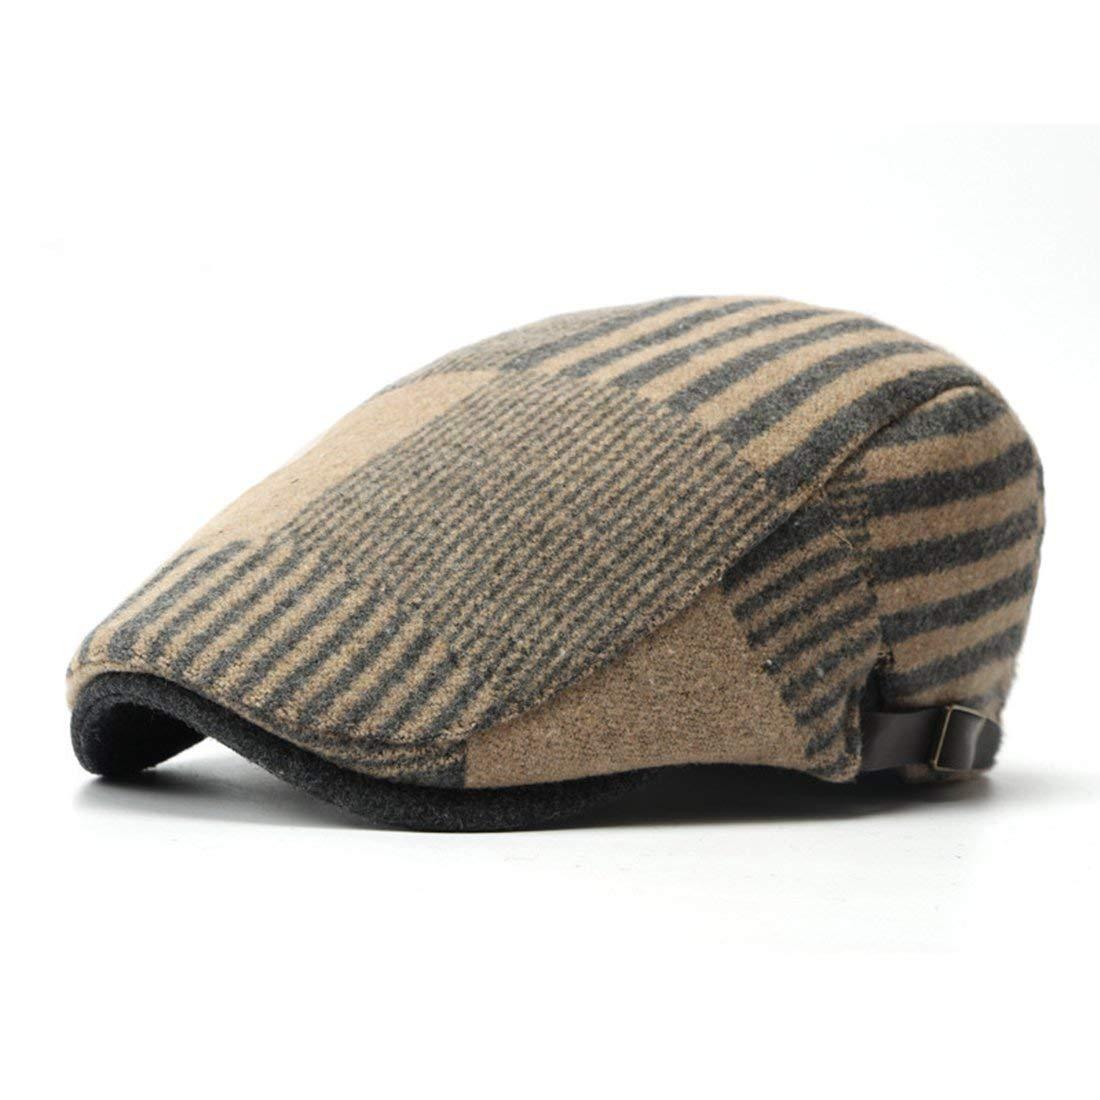 Get Quotations · WAZZIT Wool Blend Newsboy Cap Stripe Flat Cap Ivy Irish  Cabbie Caps Driver Beret Hats 4f05bbd7246c